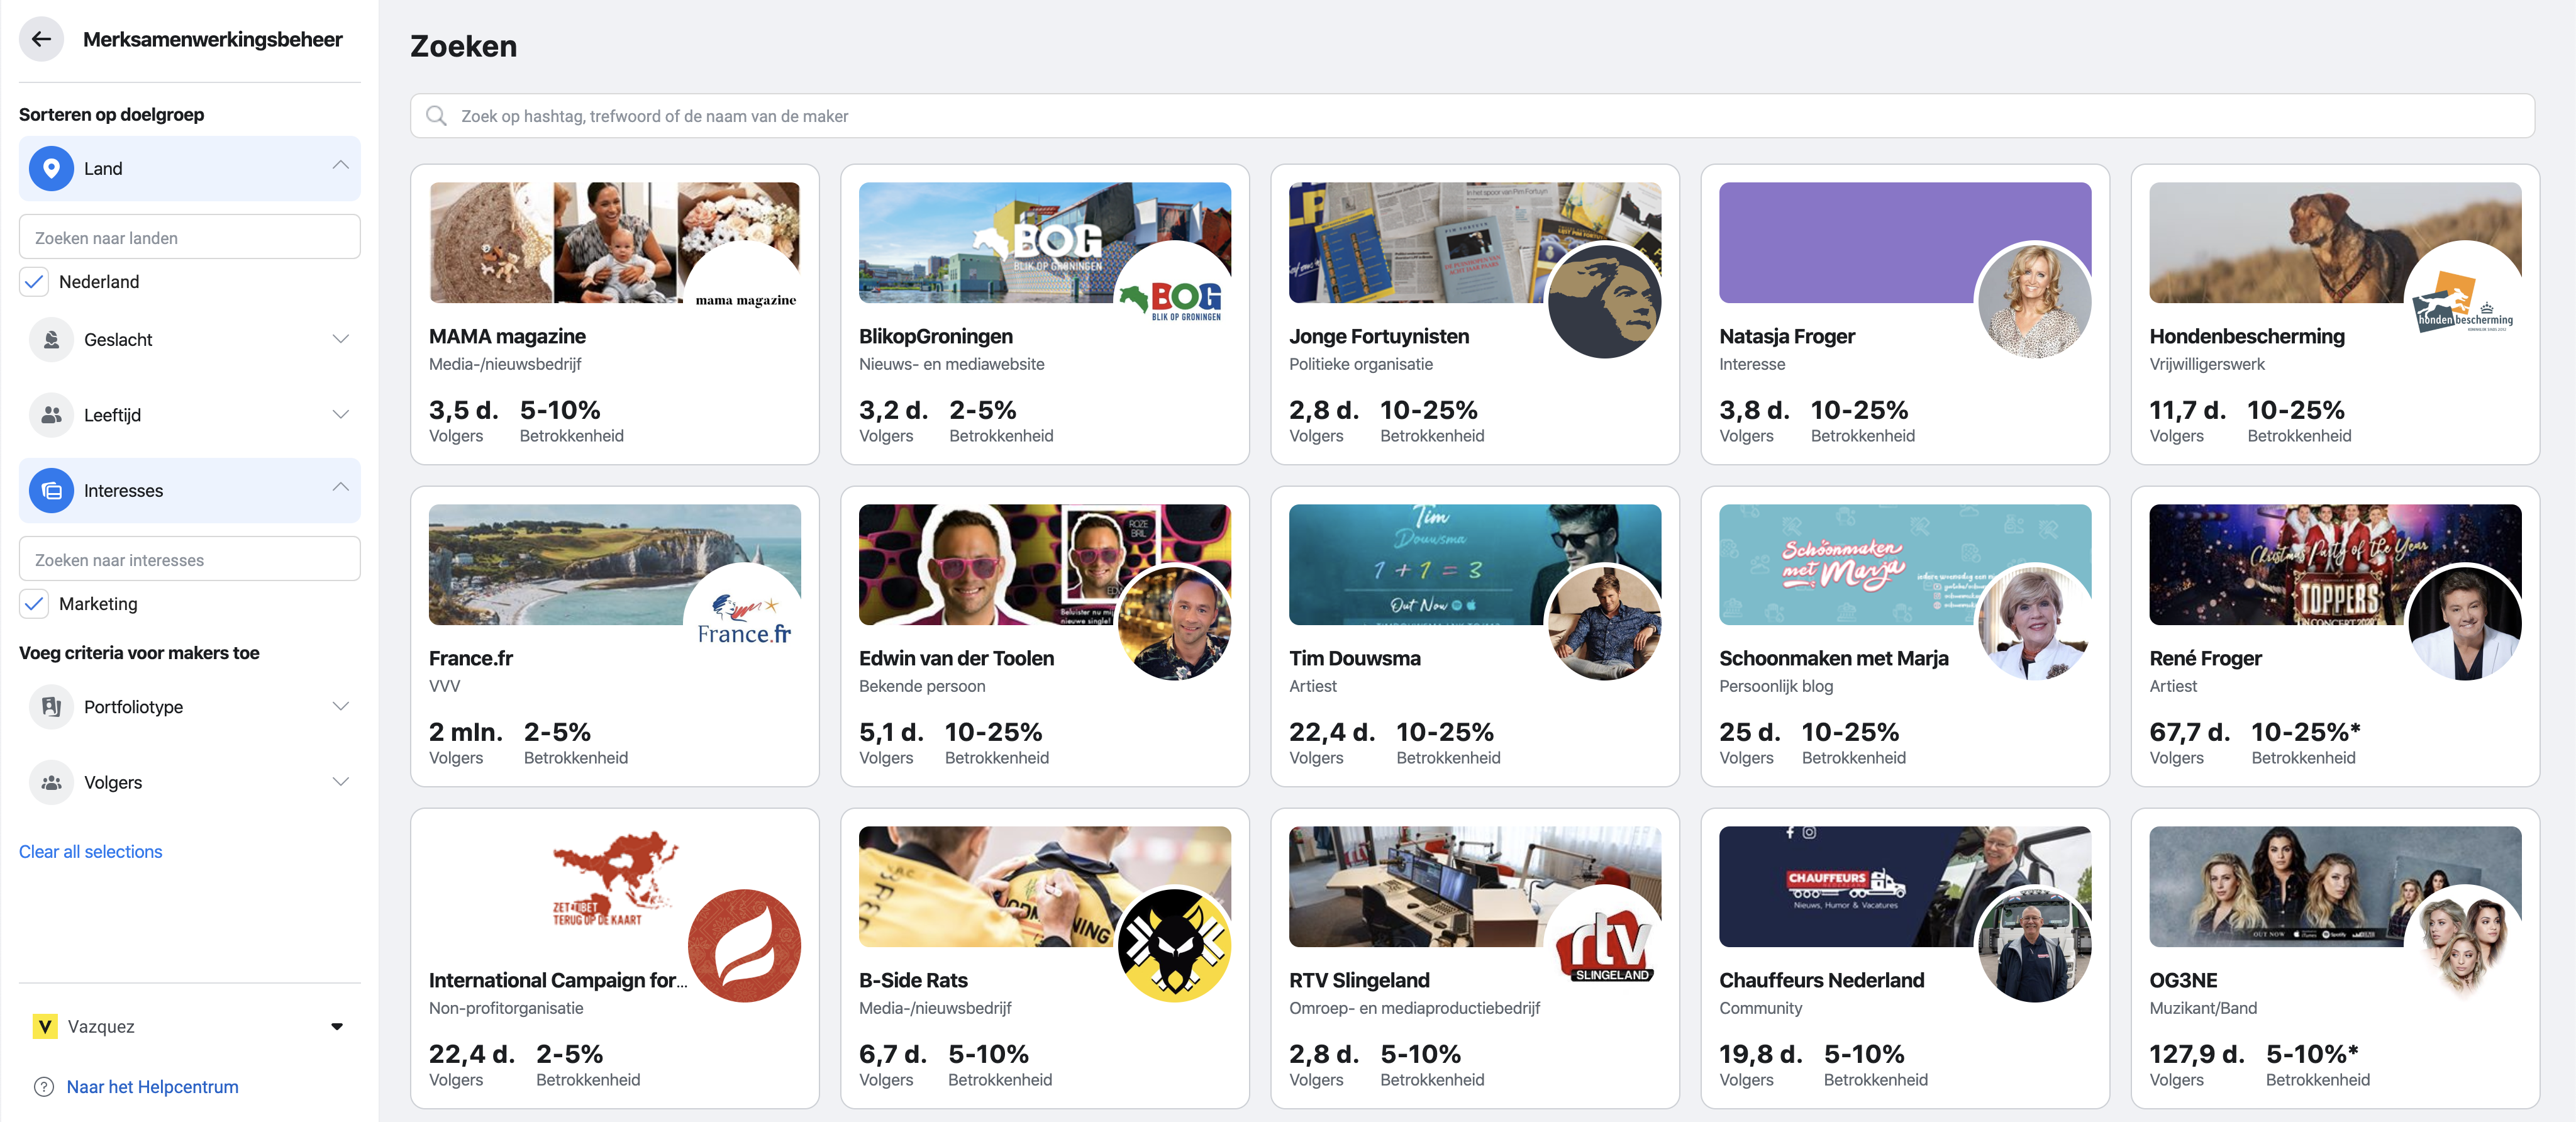 Facebook/Instagram – Brands Collab Manager (Merksamenwerkingsbeheer)